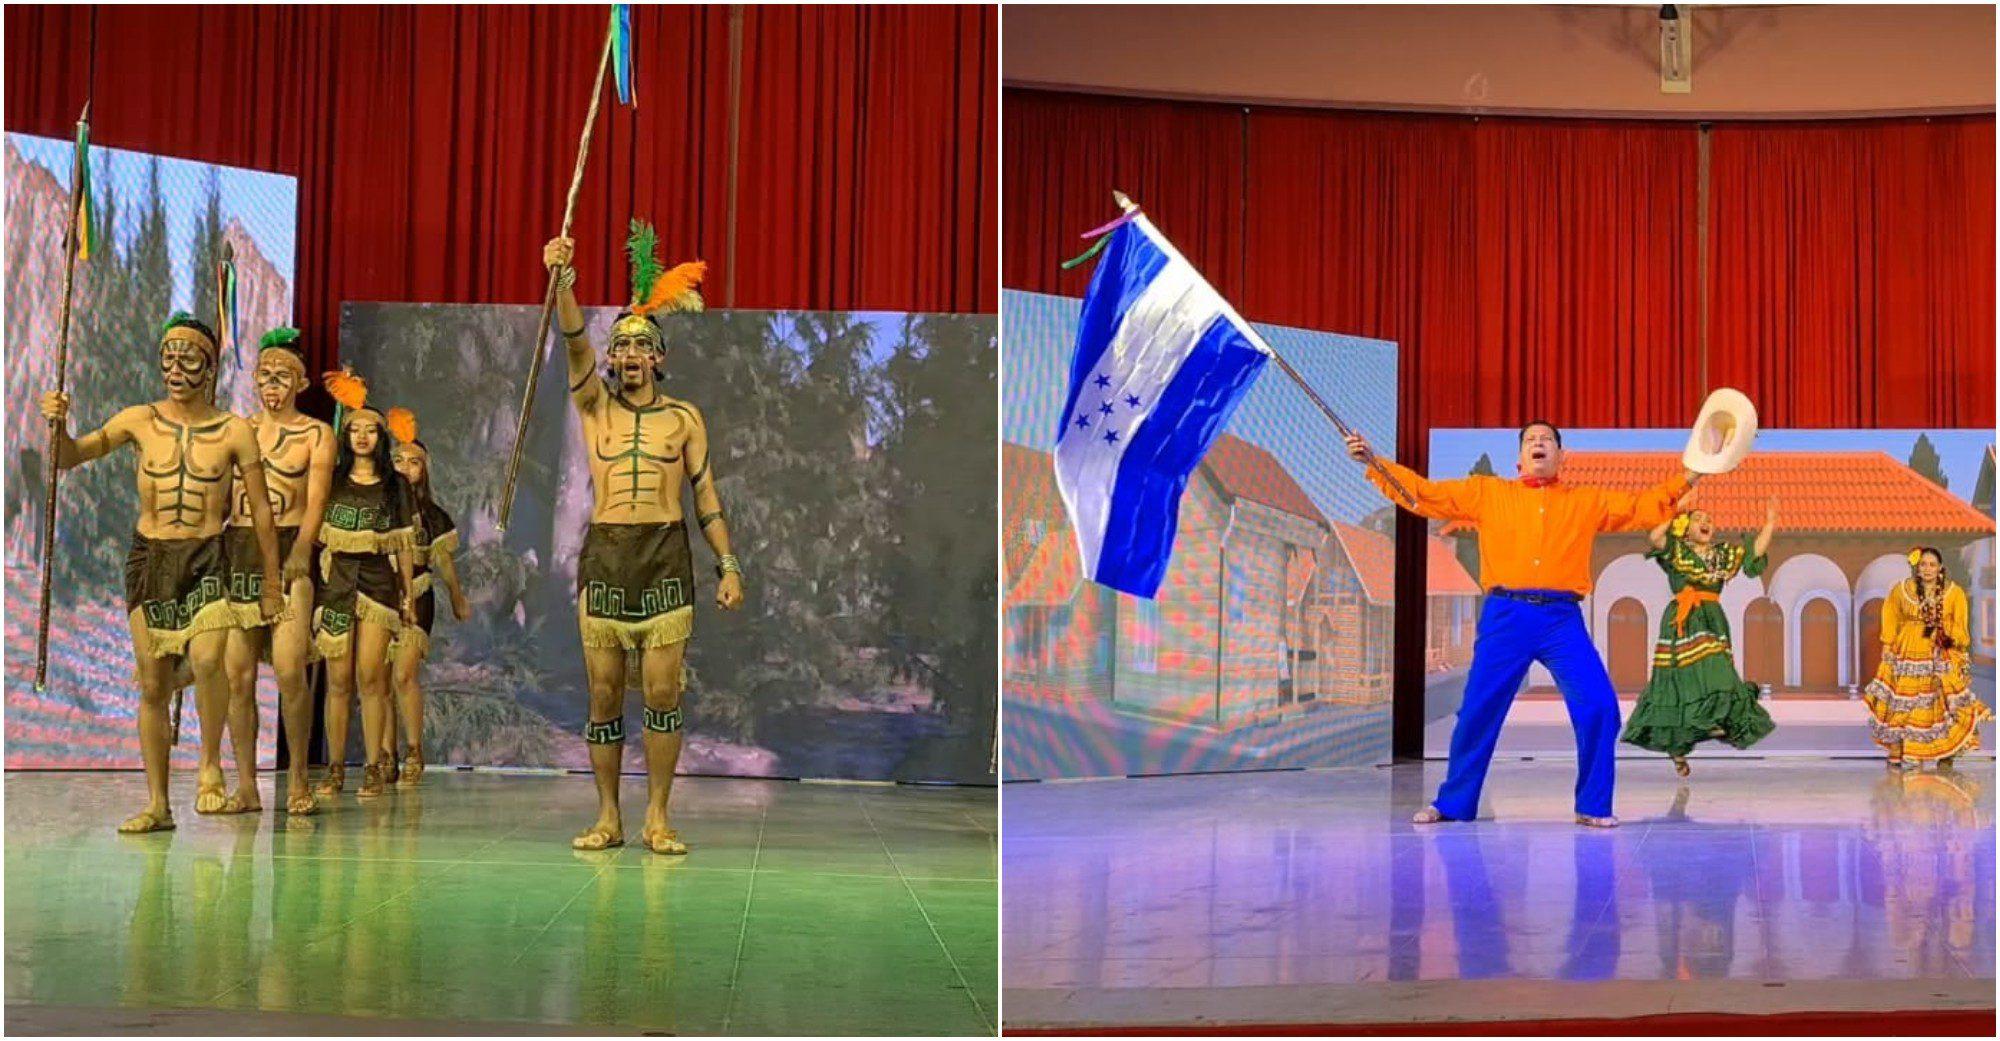 Pasarán obra de teatro de José Cecilio del Valle este 15 de septiembre